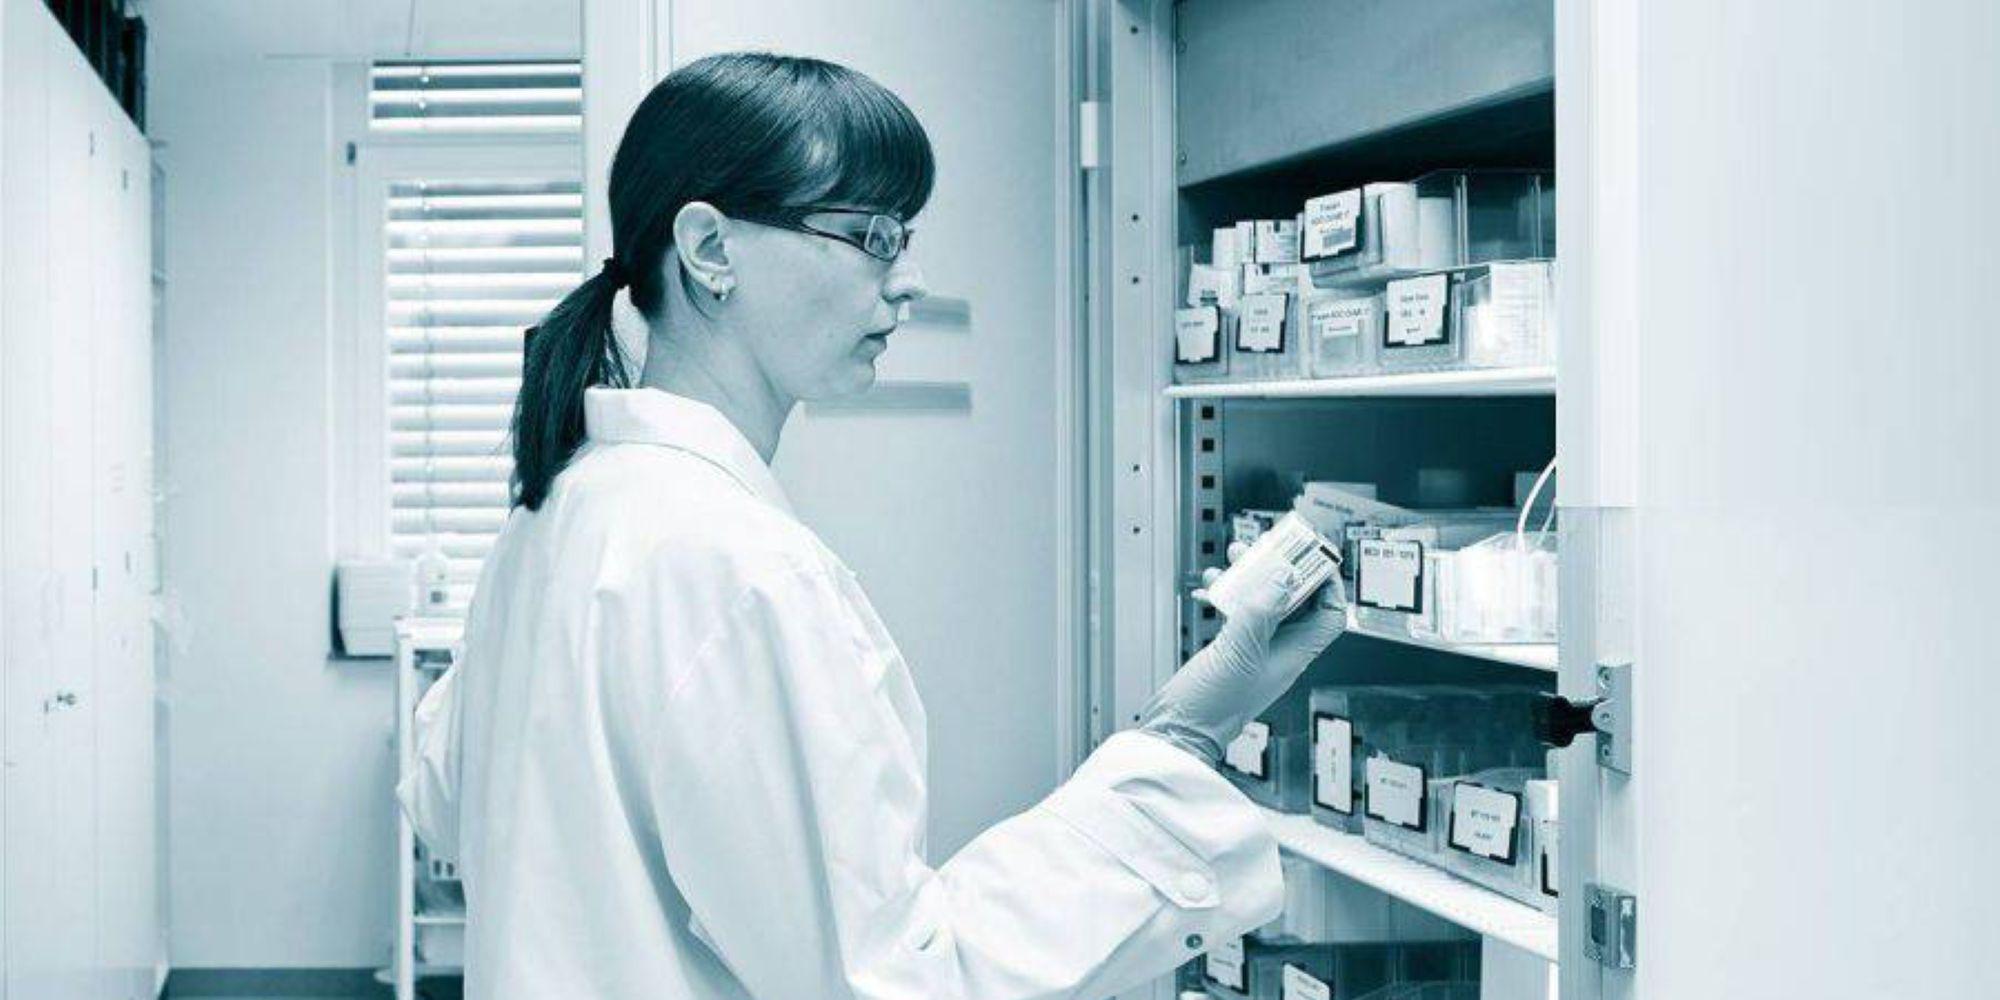 利用testo 变送器在高温高湿、干燥环境以及在过氧化氢灭菌环境中的优势,结合testo Saveris 强大的数据处理与整合能力,实现医药环境中从研发到生产,再到仓储整个环境的数据监测与管理。